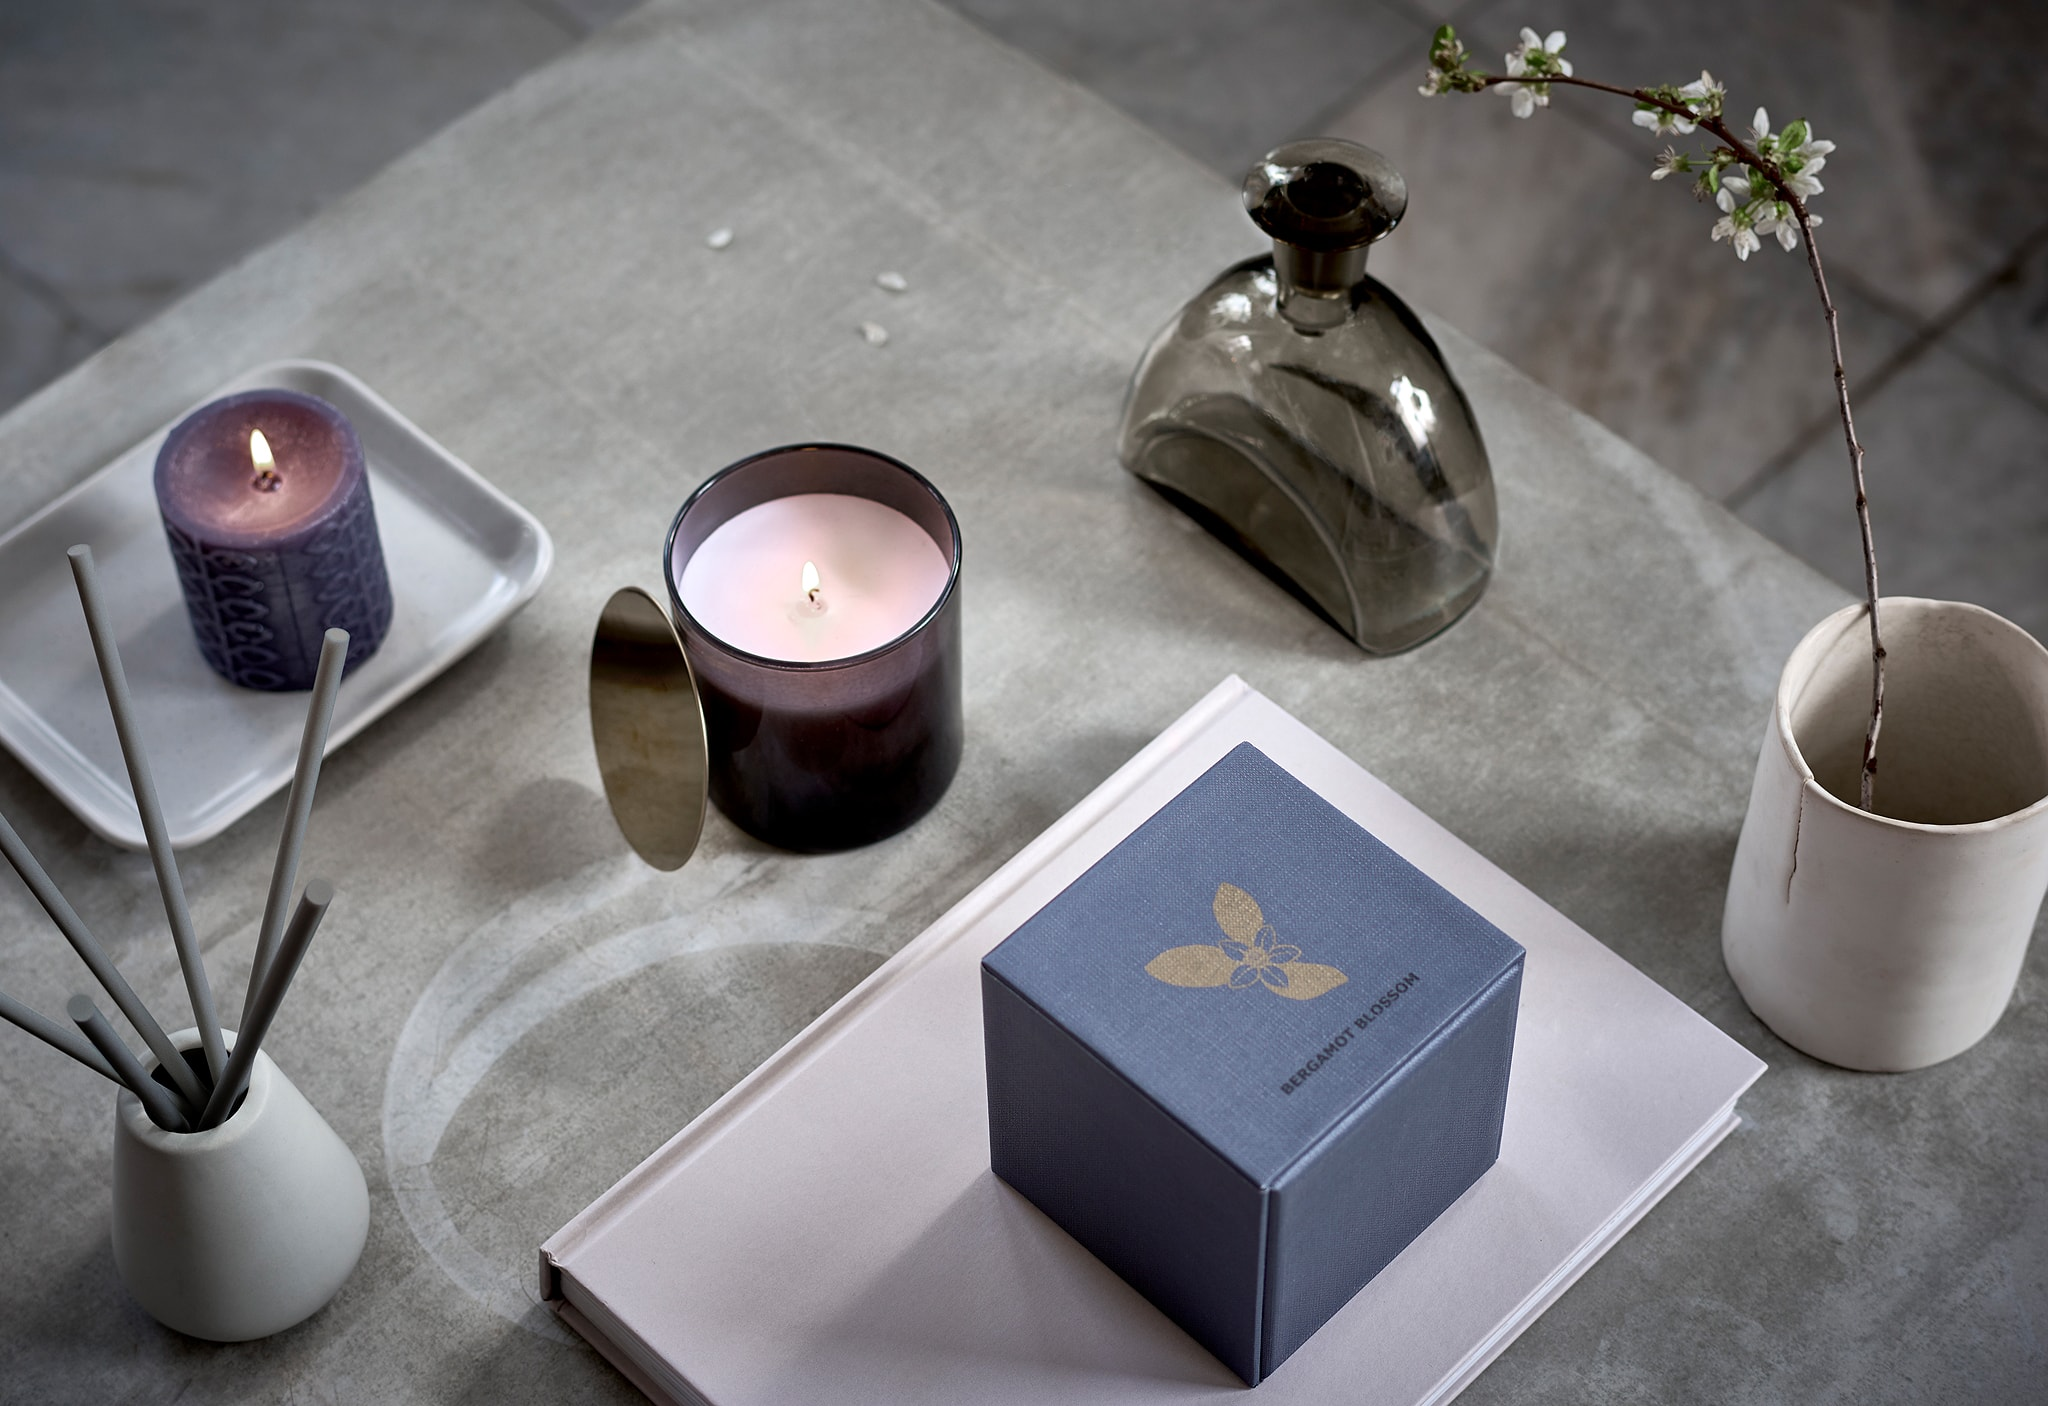 Permukaan dengan susunan lilin beraroma yang ditata simetris, cangkir berisi ranting dan dekorasi bergaya seperti spa.